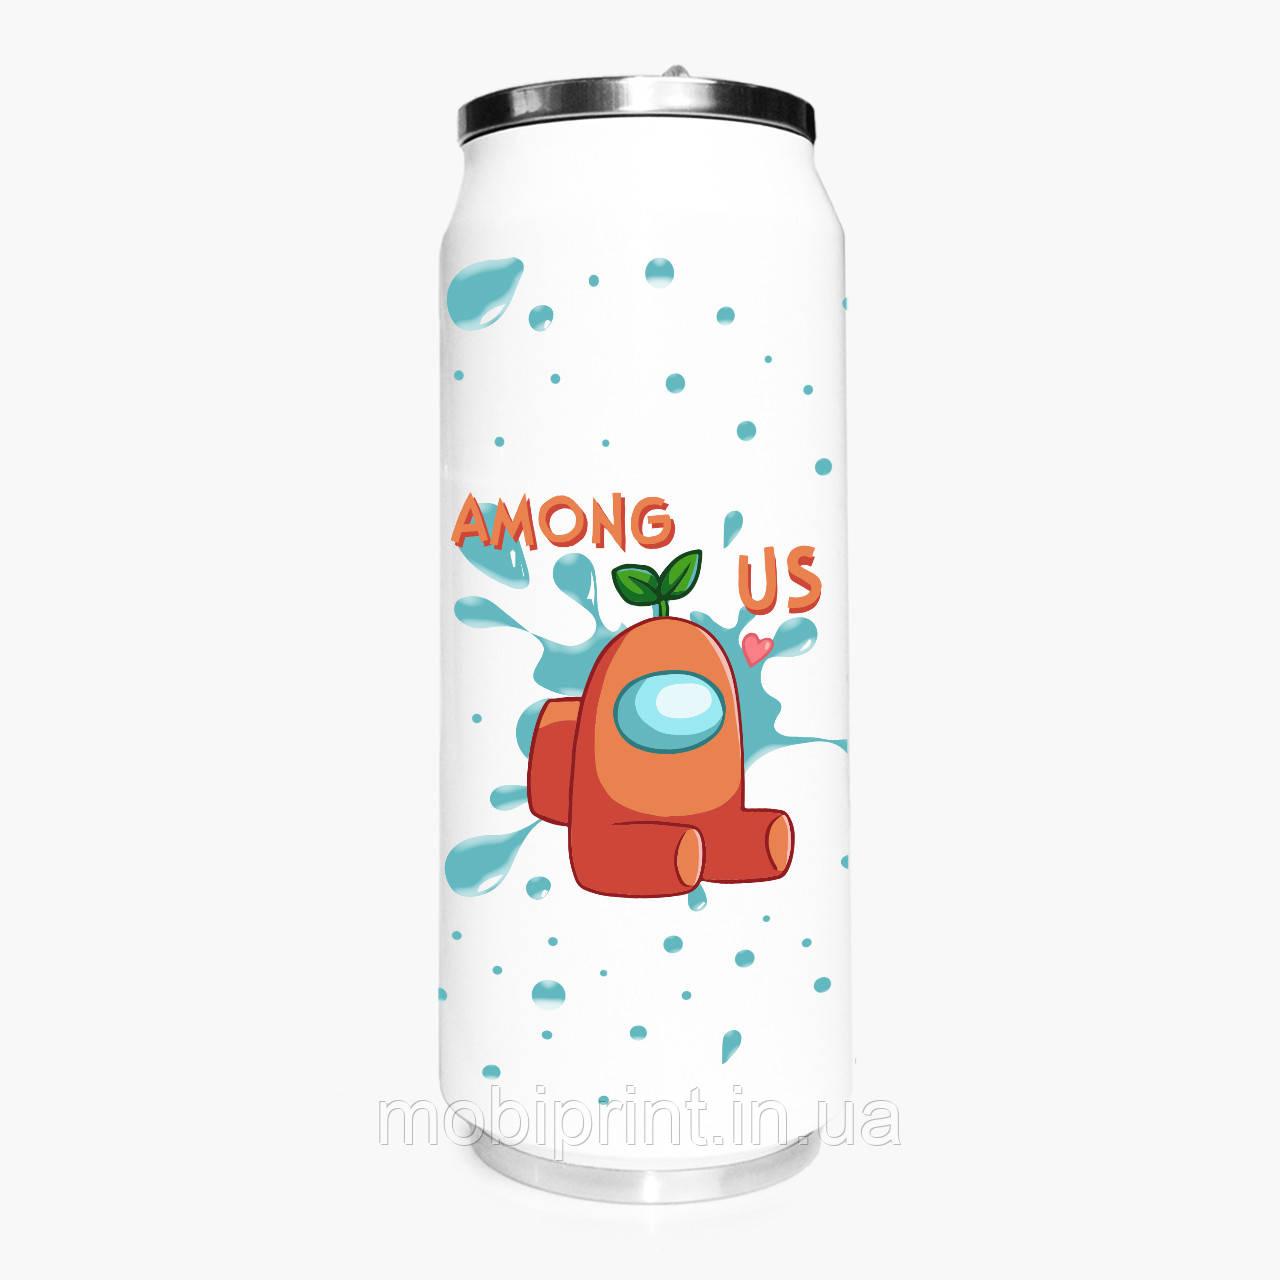 Термобанка Помаранчевий Амонг Ас (Orange Among Us) 500 мл (31091-2410-1) з нержавіючої сталі